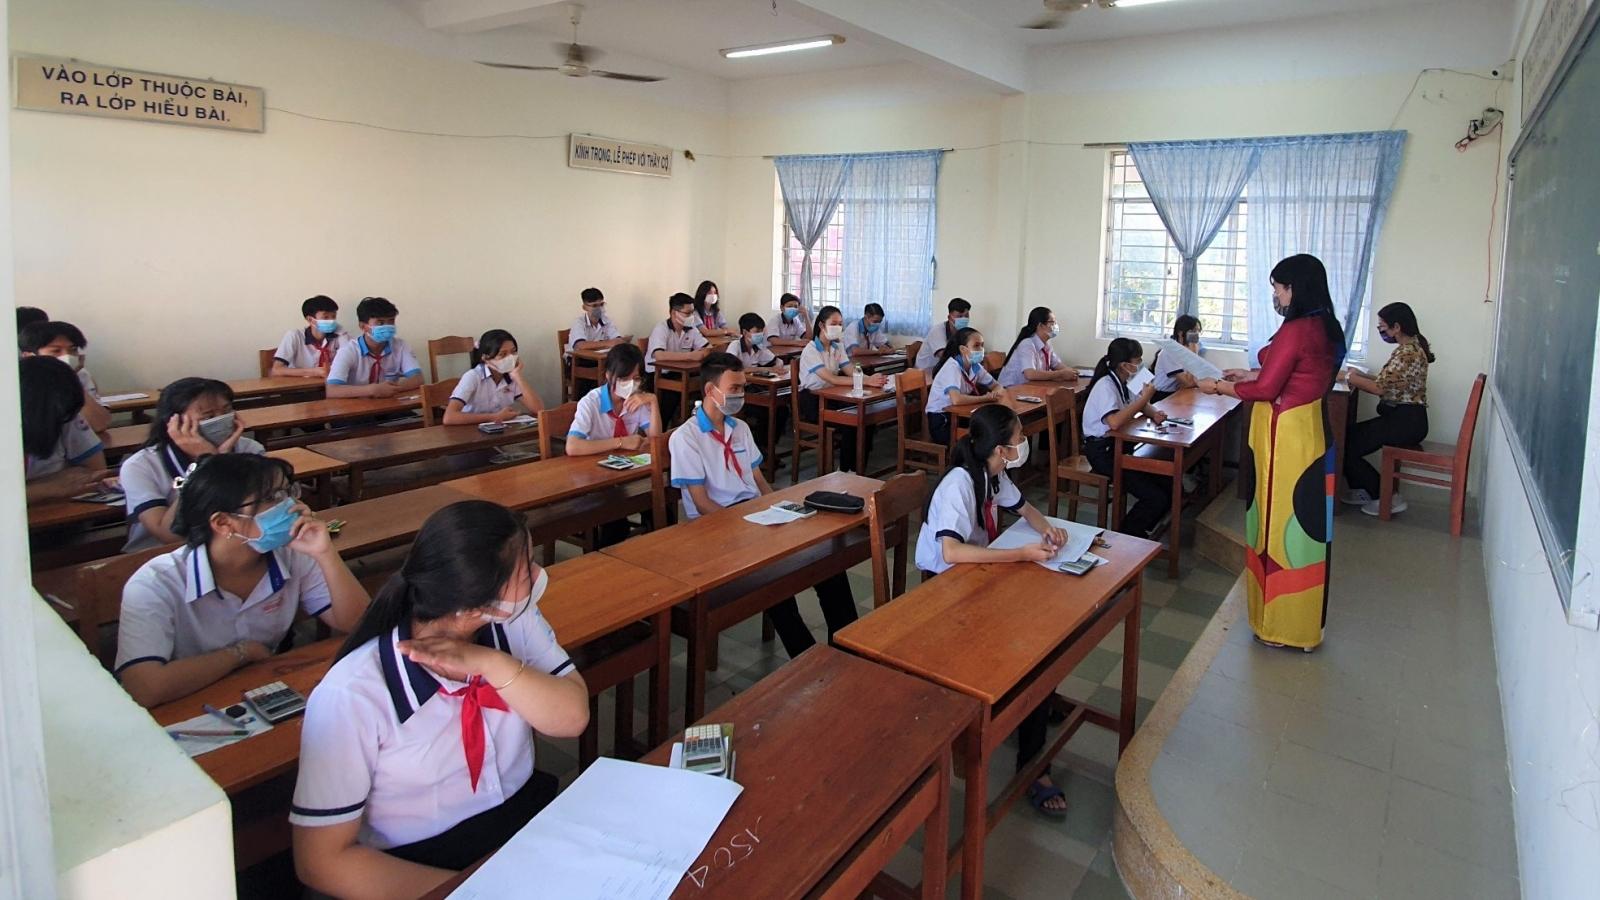 Hơn 13.200 thí sinh Cần Thơ bước vào kỳ thi tuyển sinh lớp 10, năm học 2021-2022